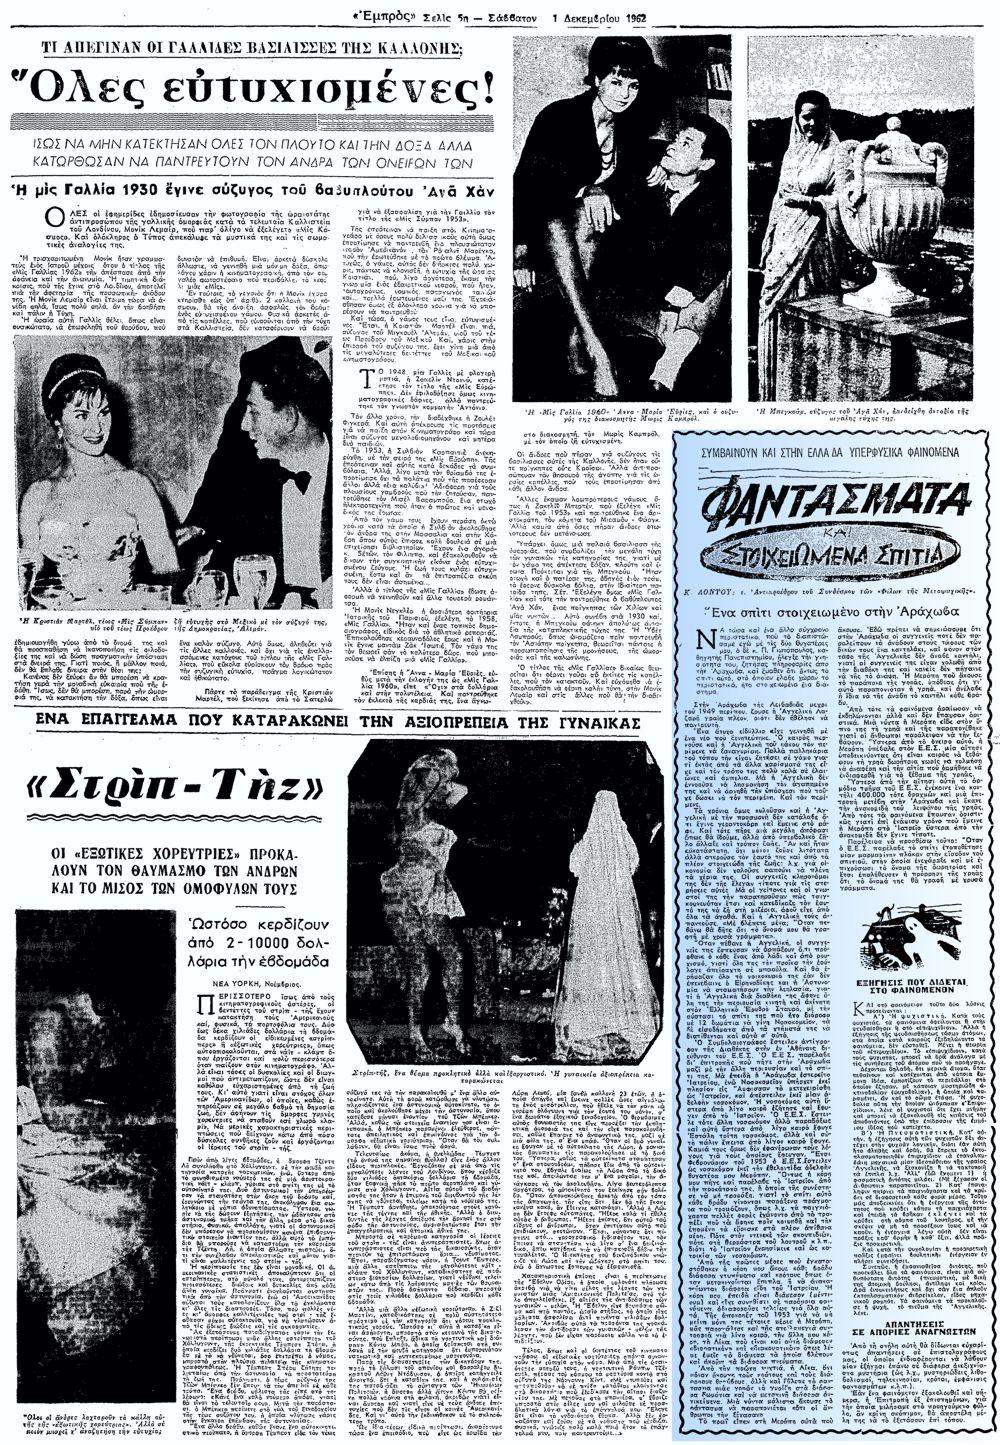 """Το άρθρο, όπως δημοσιεύθηκε στην εφημερίδα """"ΕΜΠΡΟΣ"""", την 01/12/1962"""